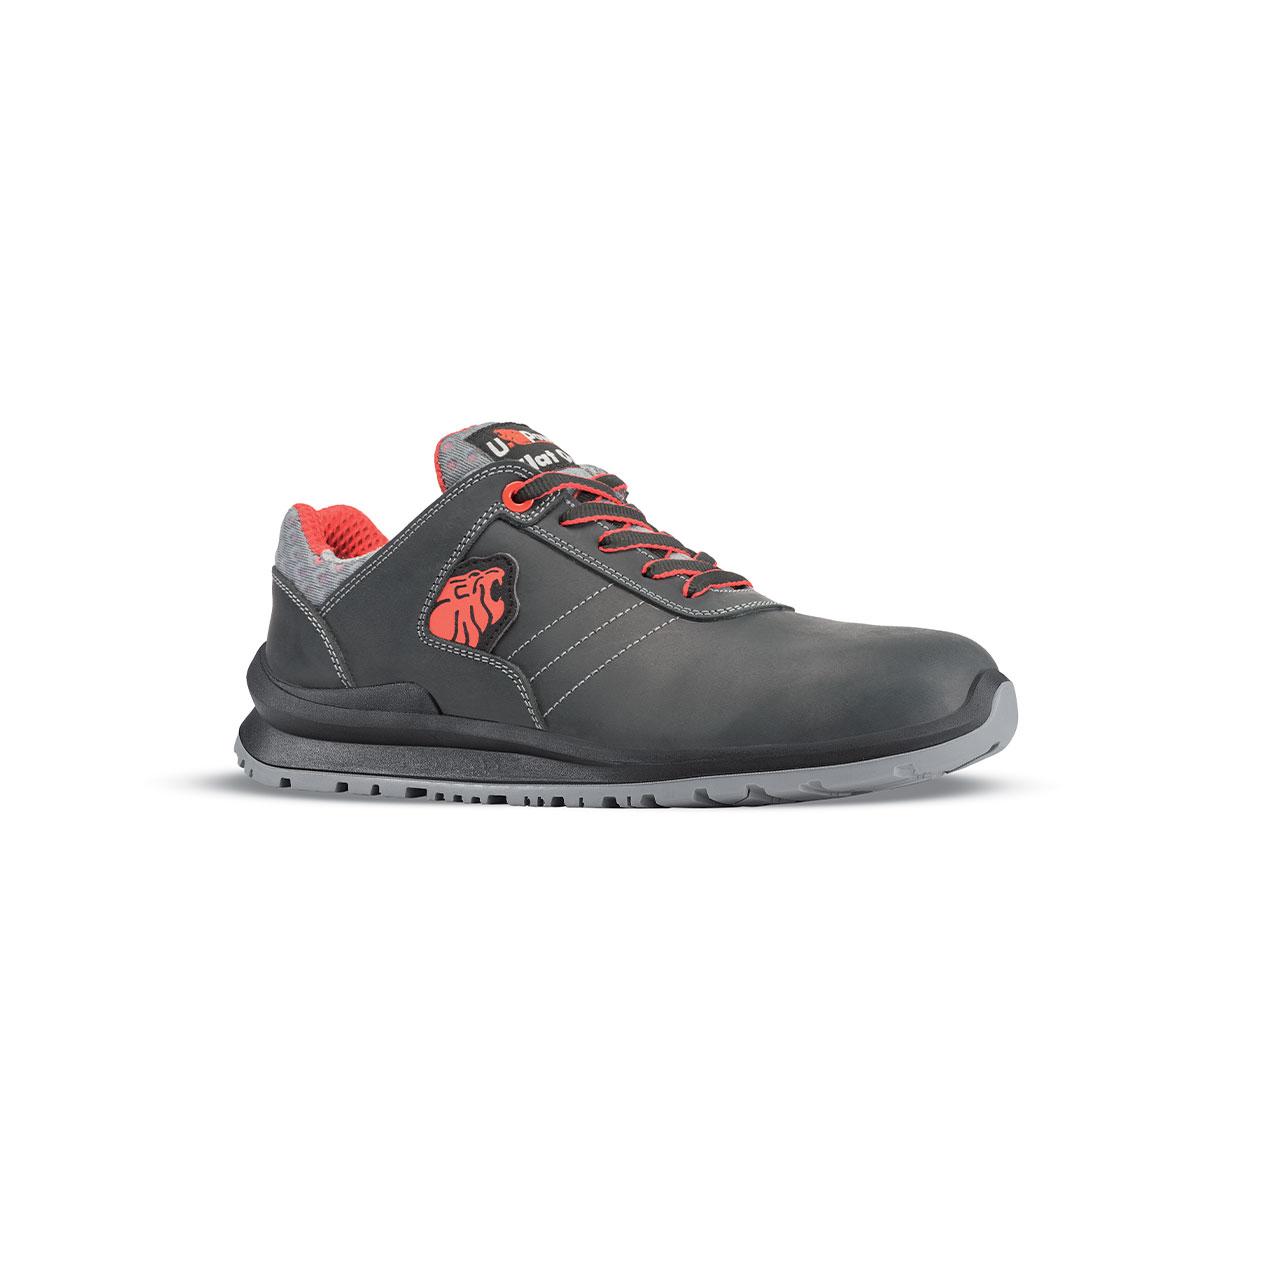 scarpa antinfortunistica upower modello bjorn linea flatout vista laterale